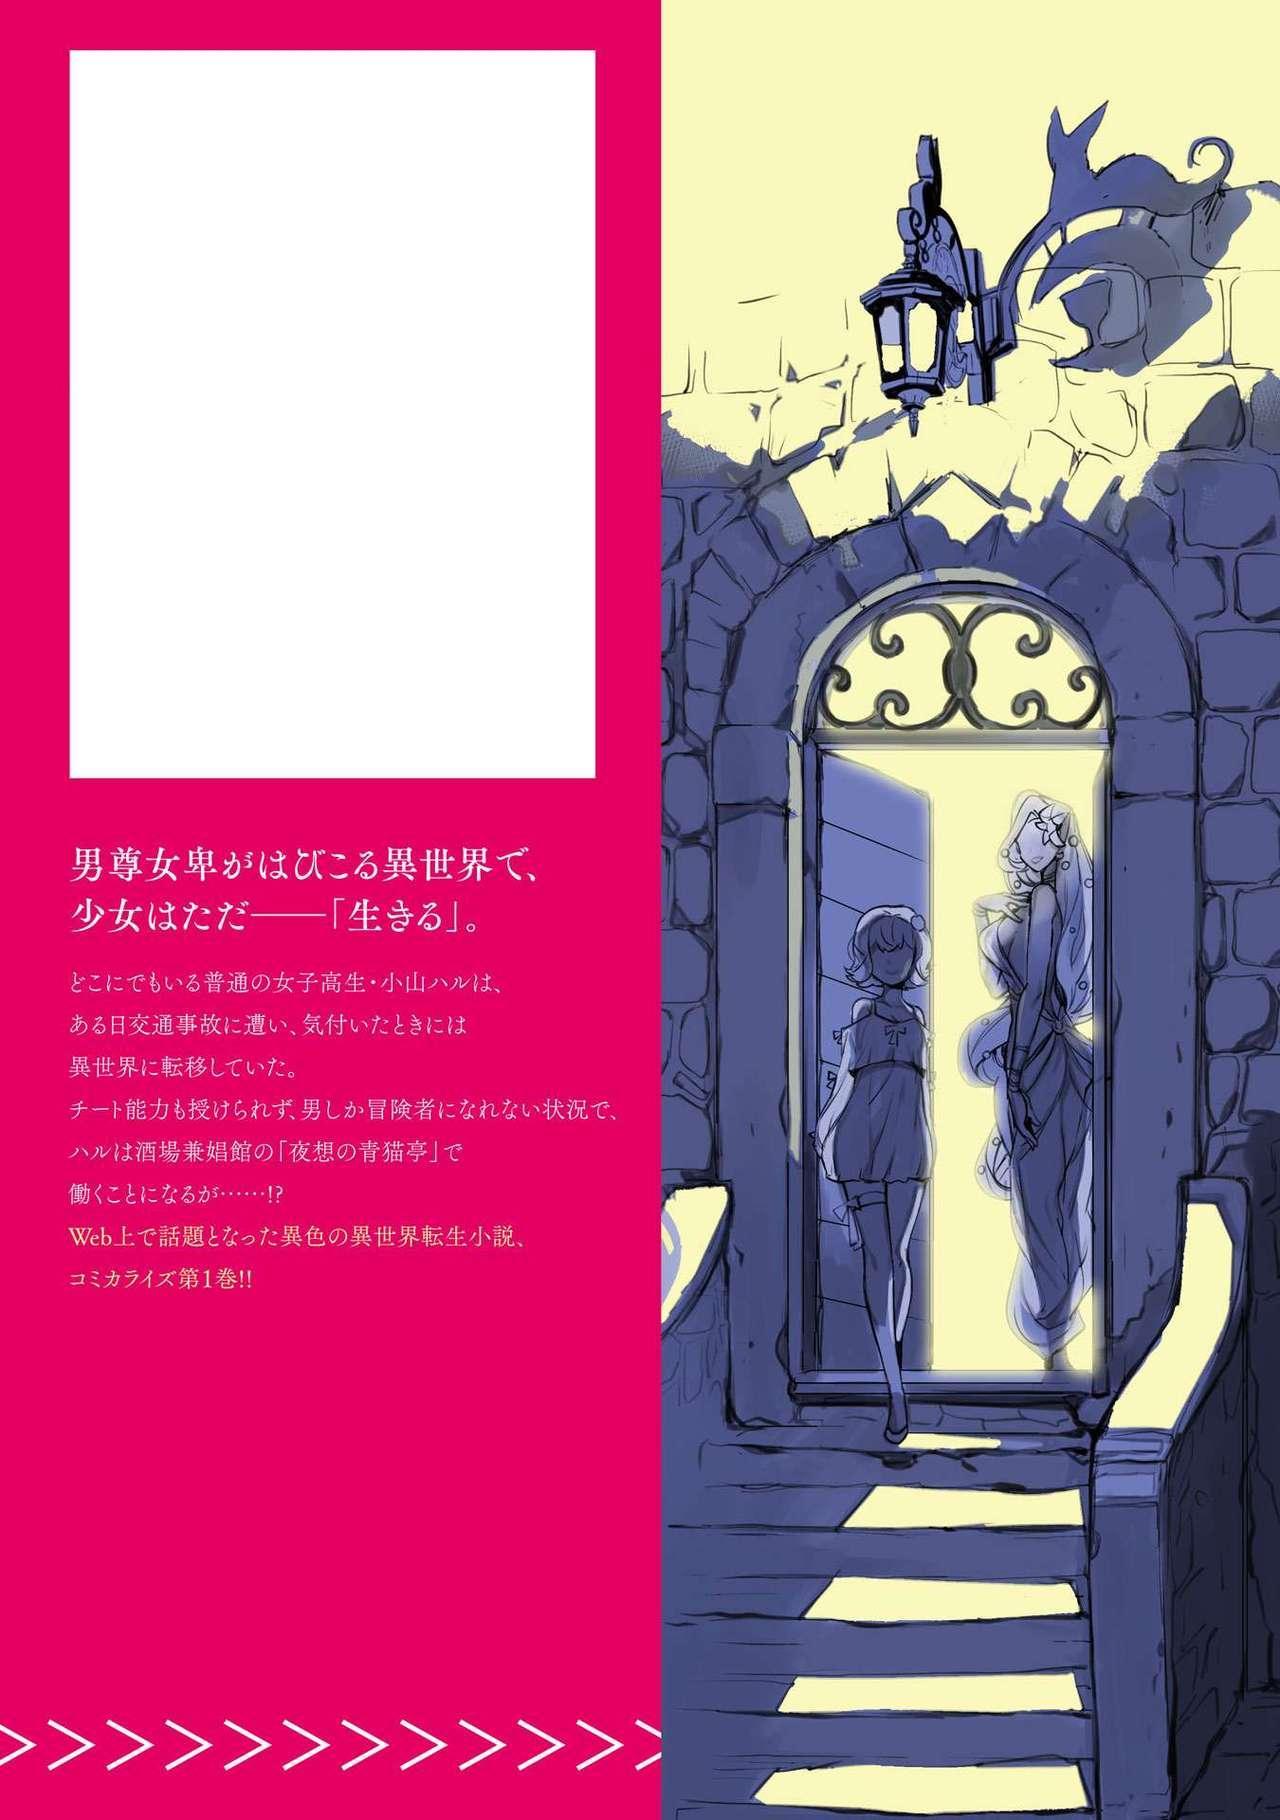 JK Haru wa Isekai de Shoufu ni Natta 1-14 182